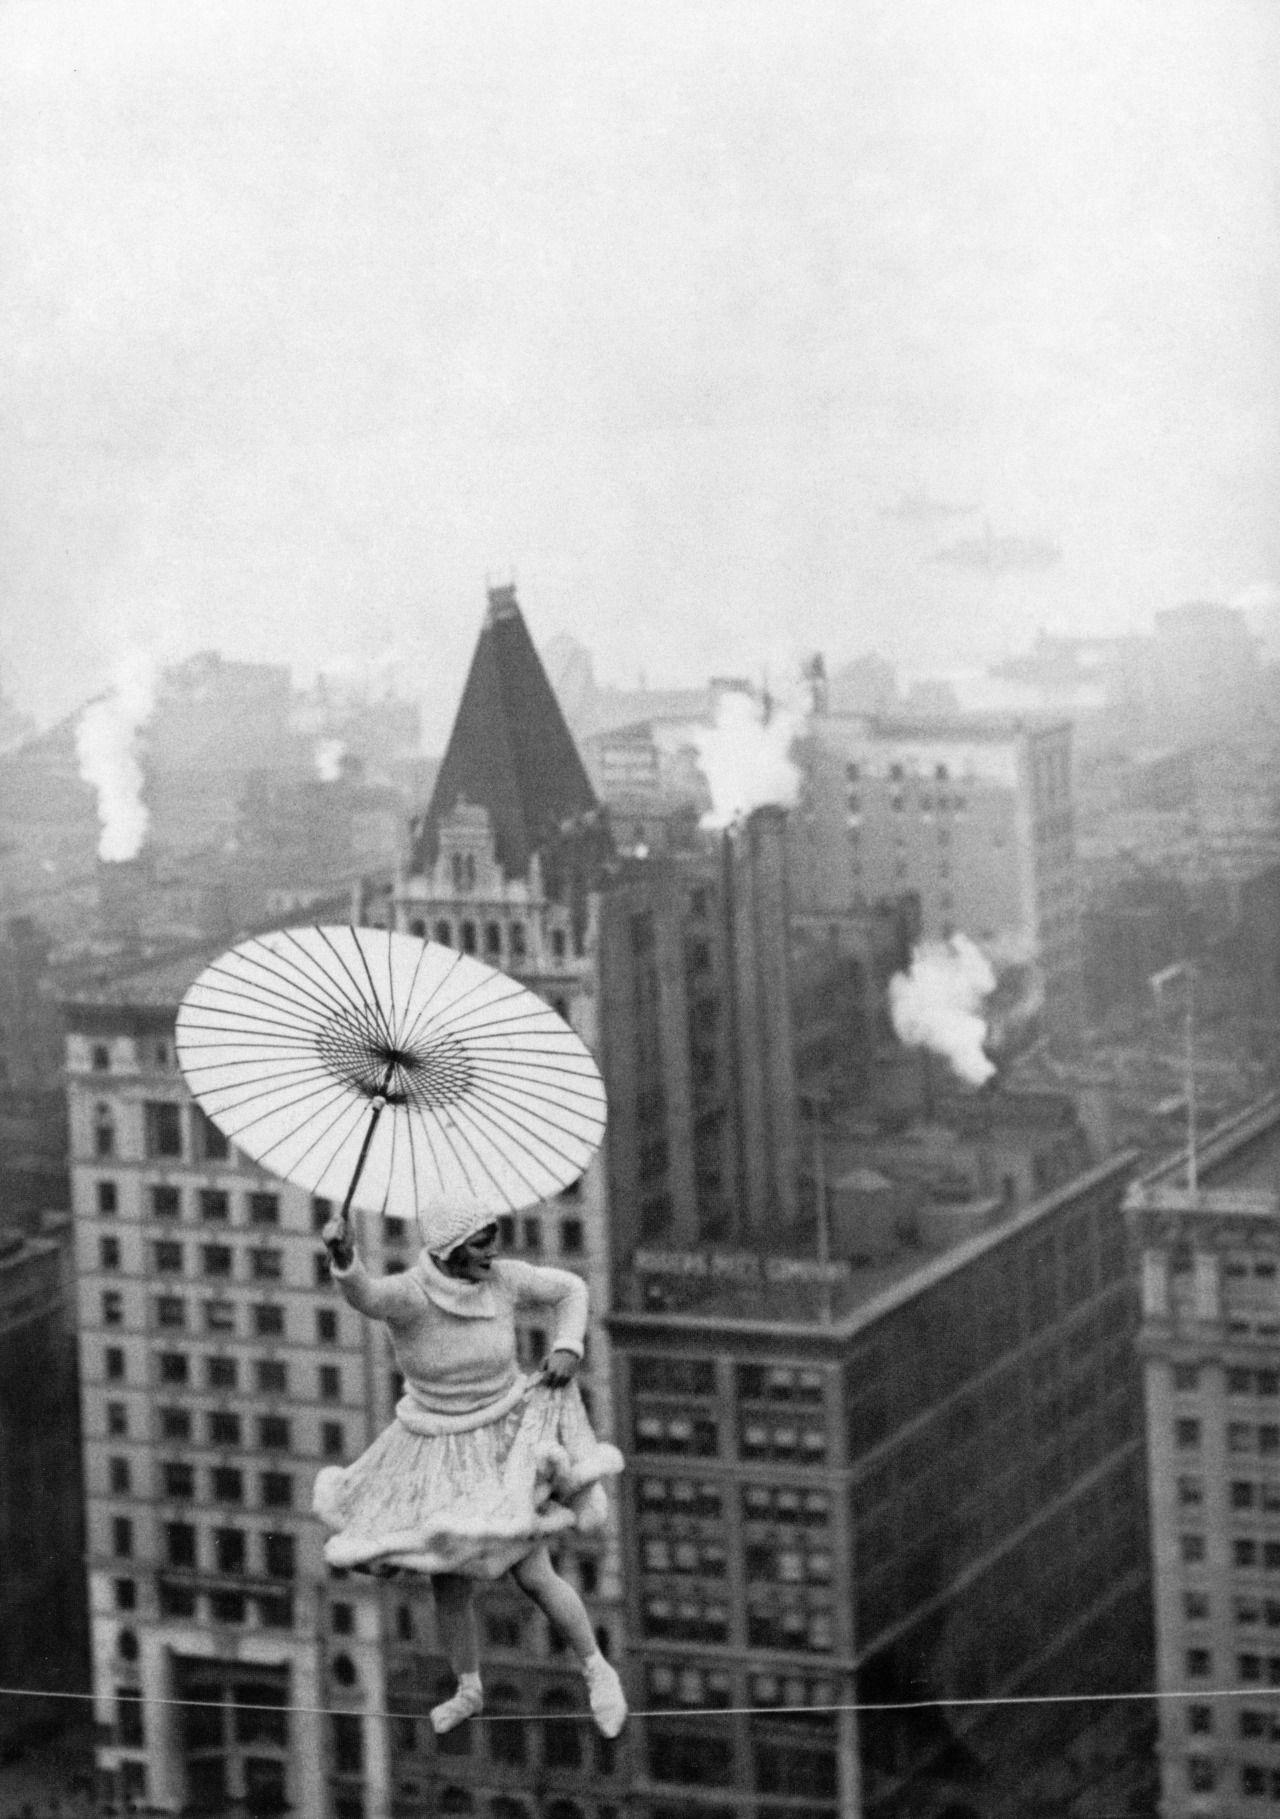 theshinyboogie:  Bird Millman walks wire over Chicago, 1922